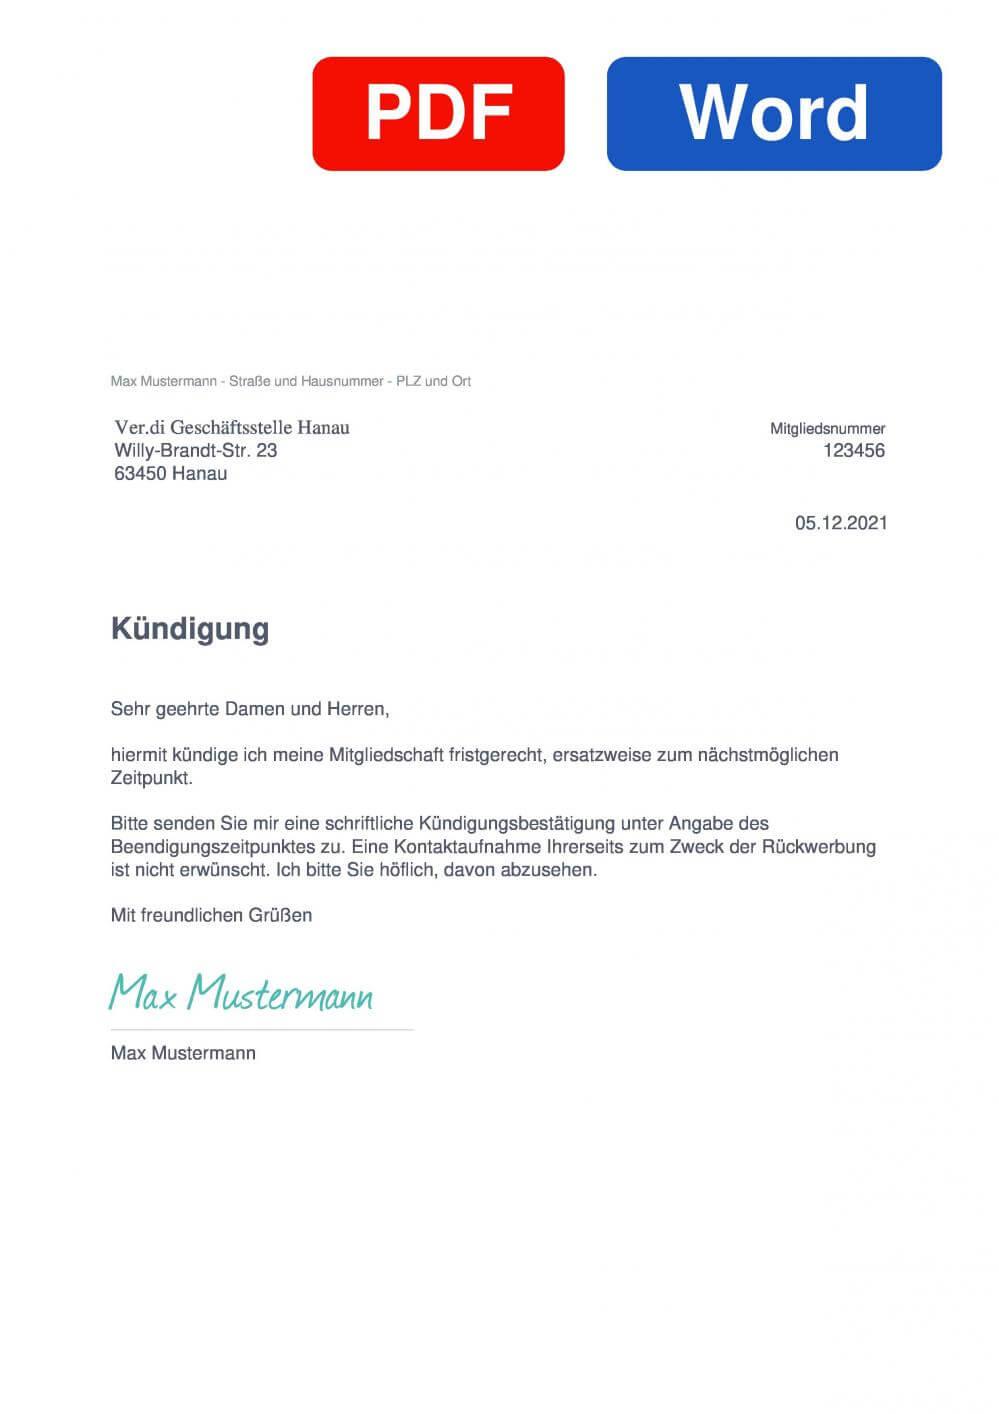 Verdi Hanau Muster Vorlage für Kündigungsschreiben